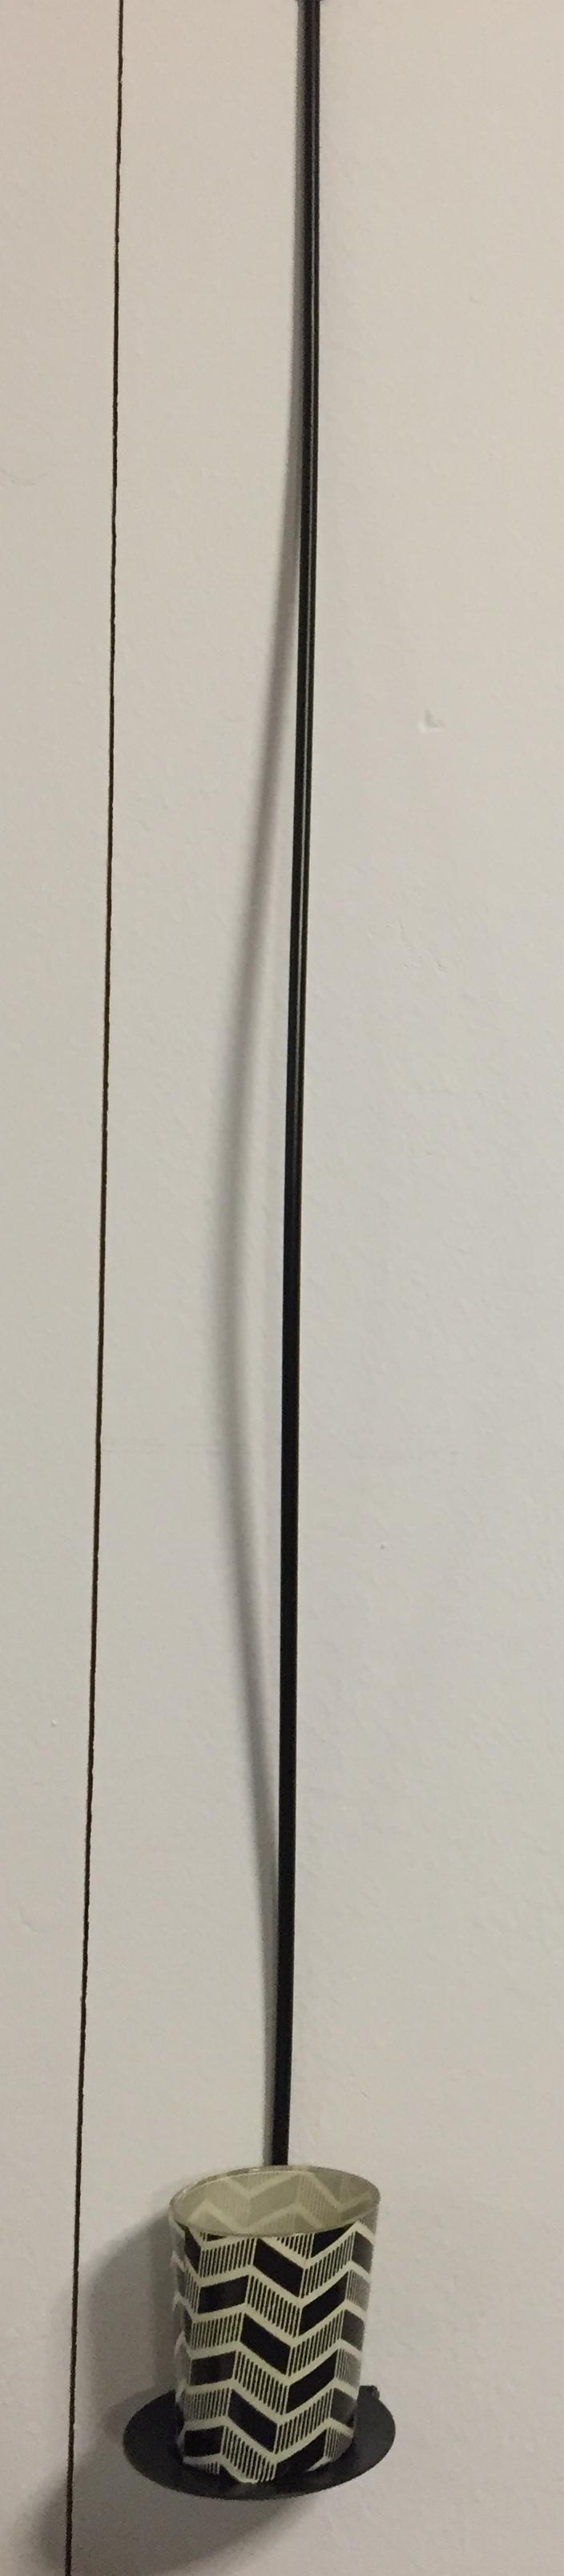 teelicht mit metallst nder zum h ngen stilsch n. Black Bedroom Furniture Sets. Home Design Ideas